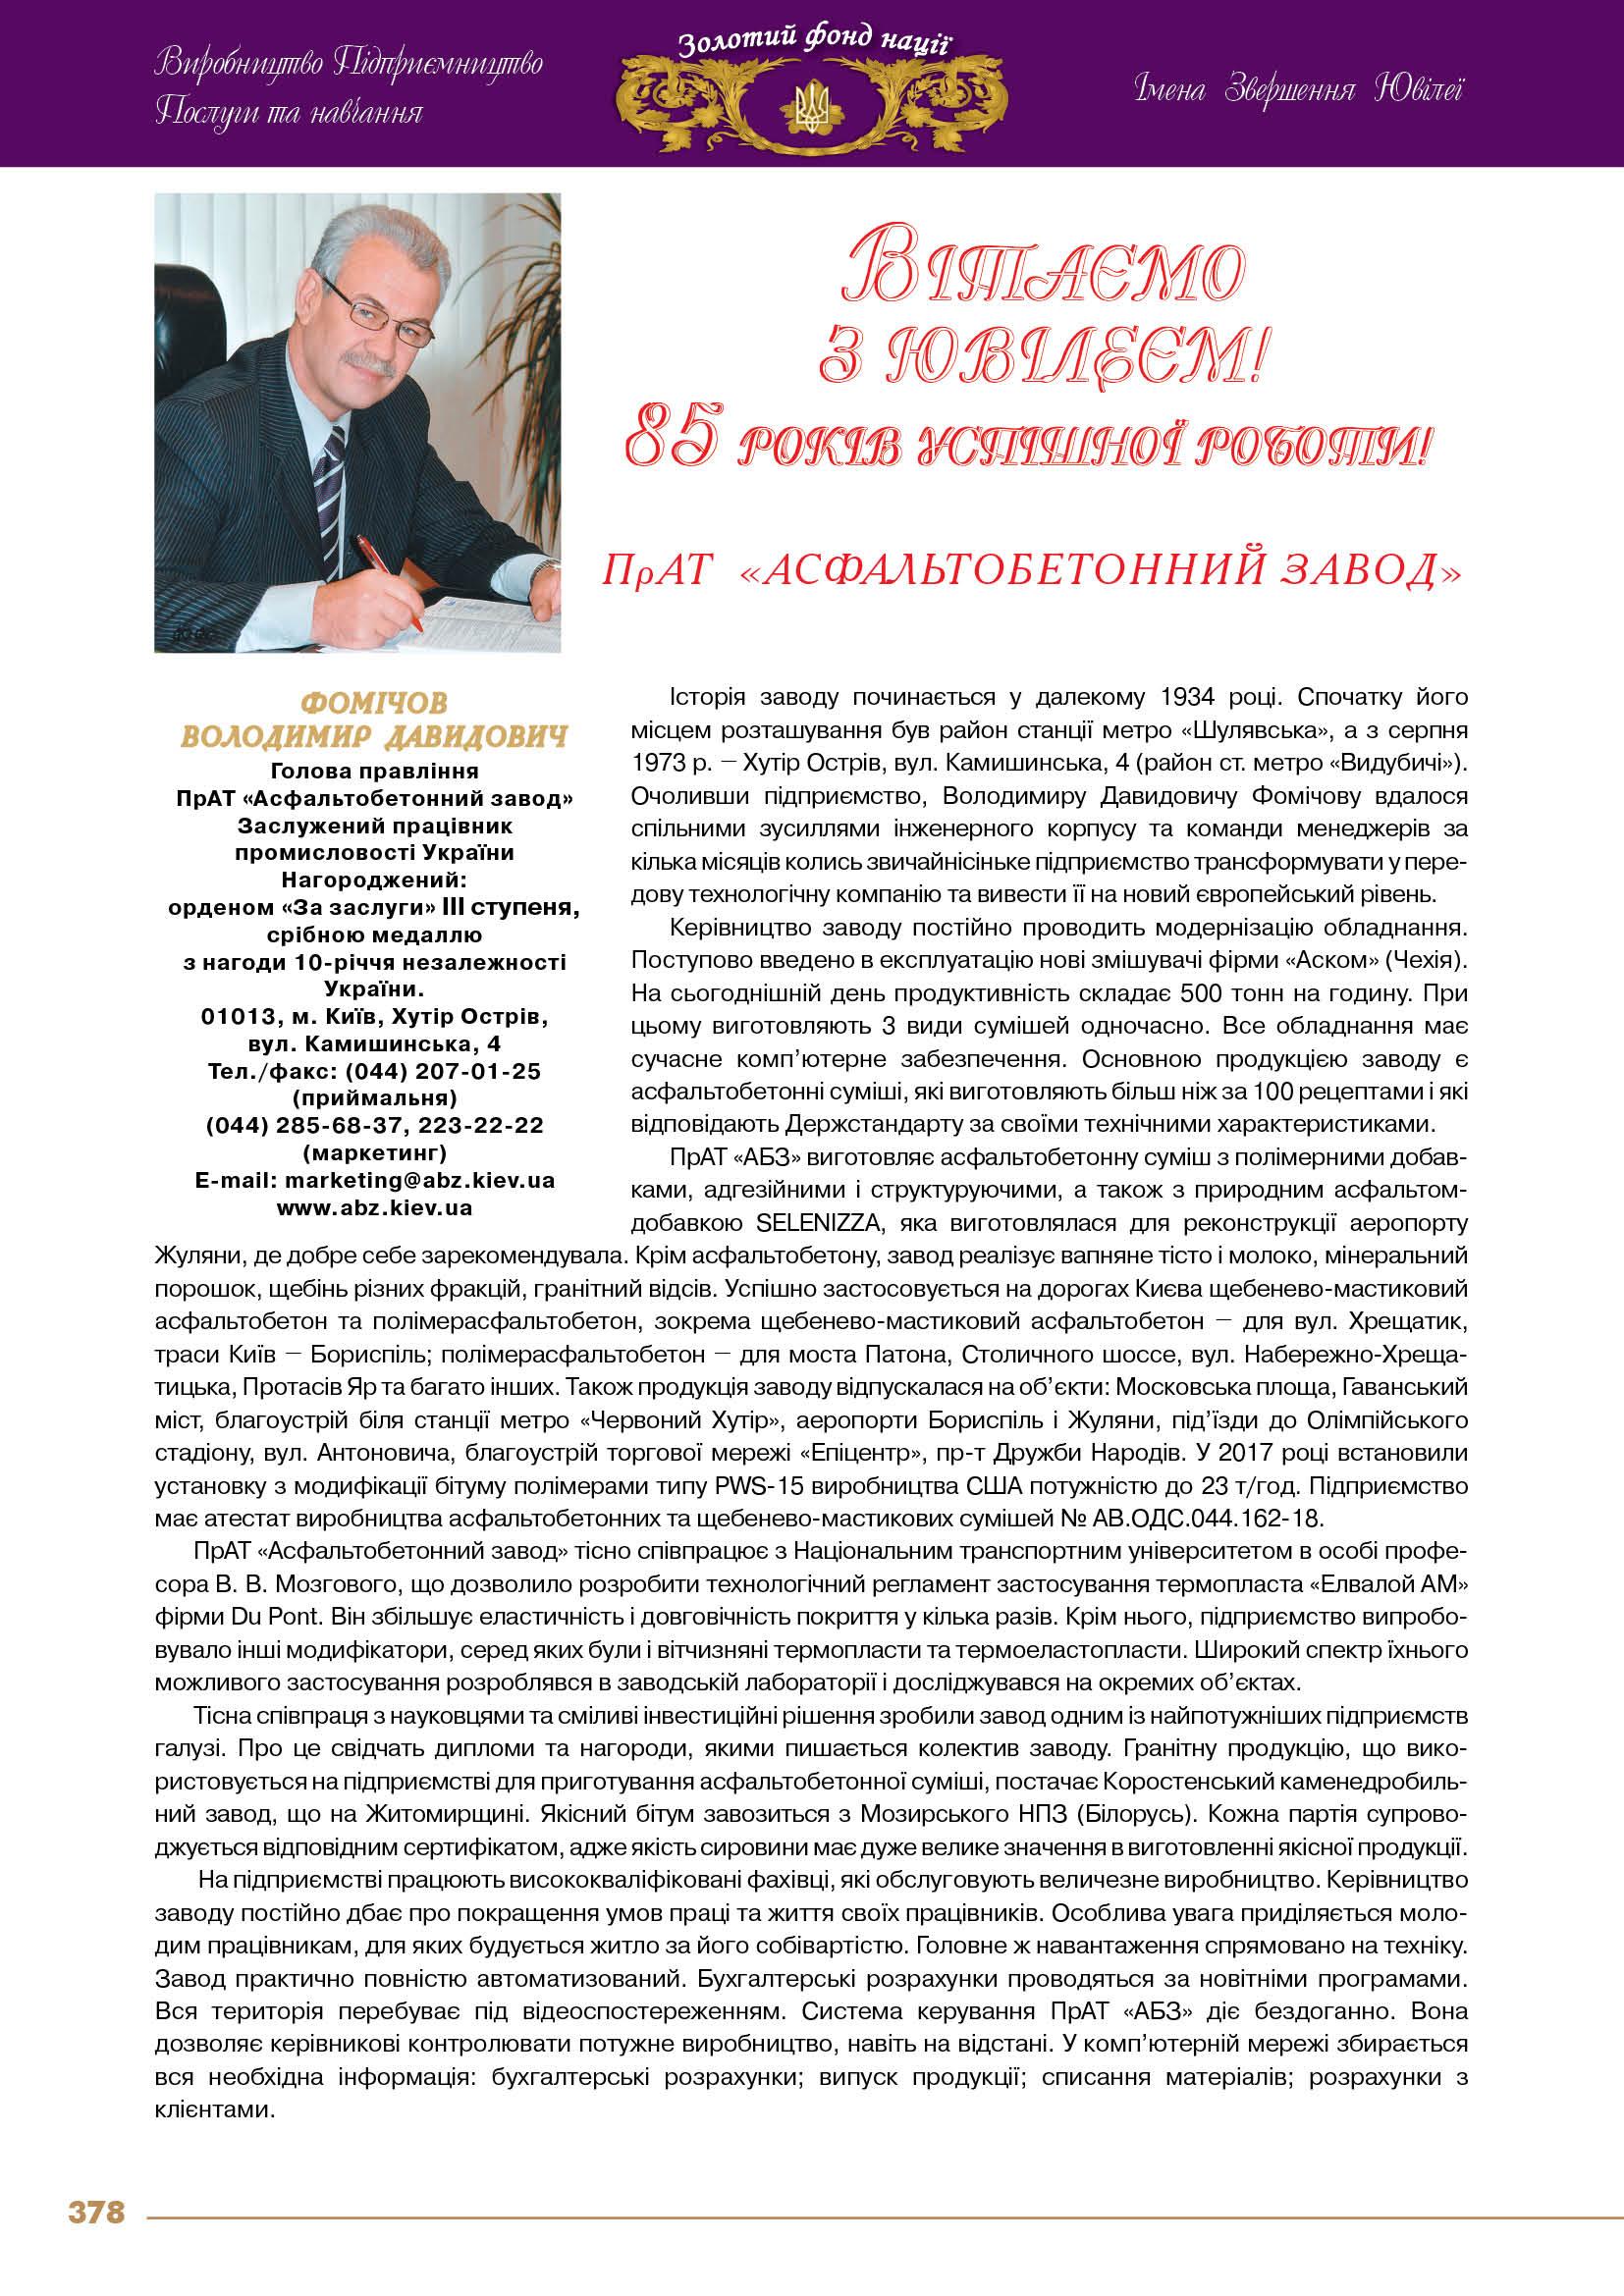 Прат  «Асфальтобетонний Завод» - Фомічов  Володимир  Давидович